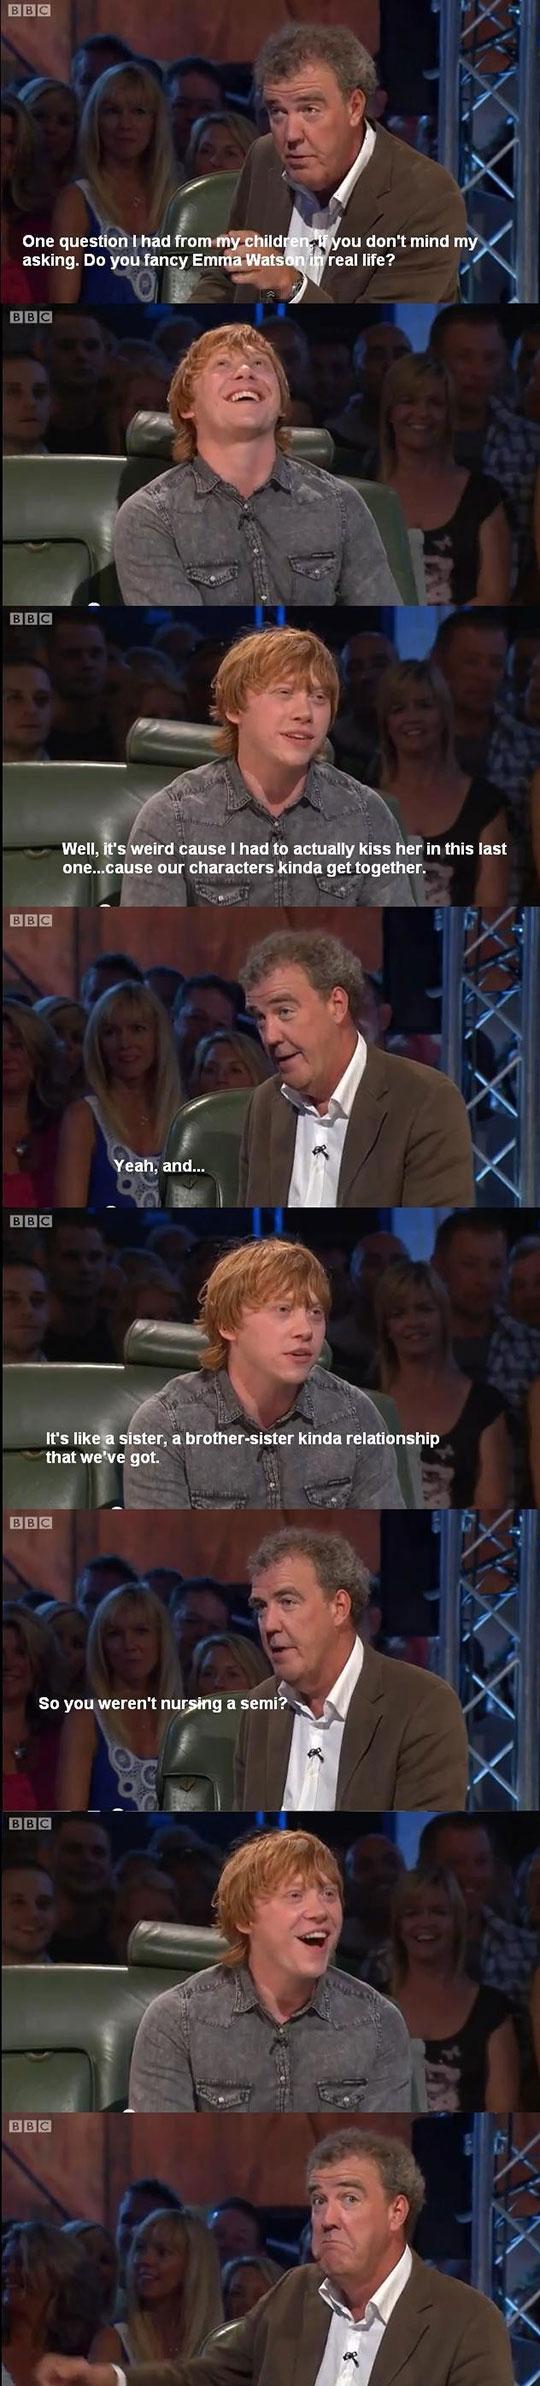 funny-Rupert-Grint-Top-Gear-interview